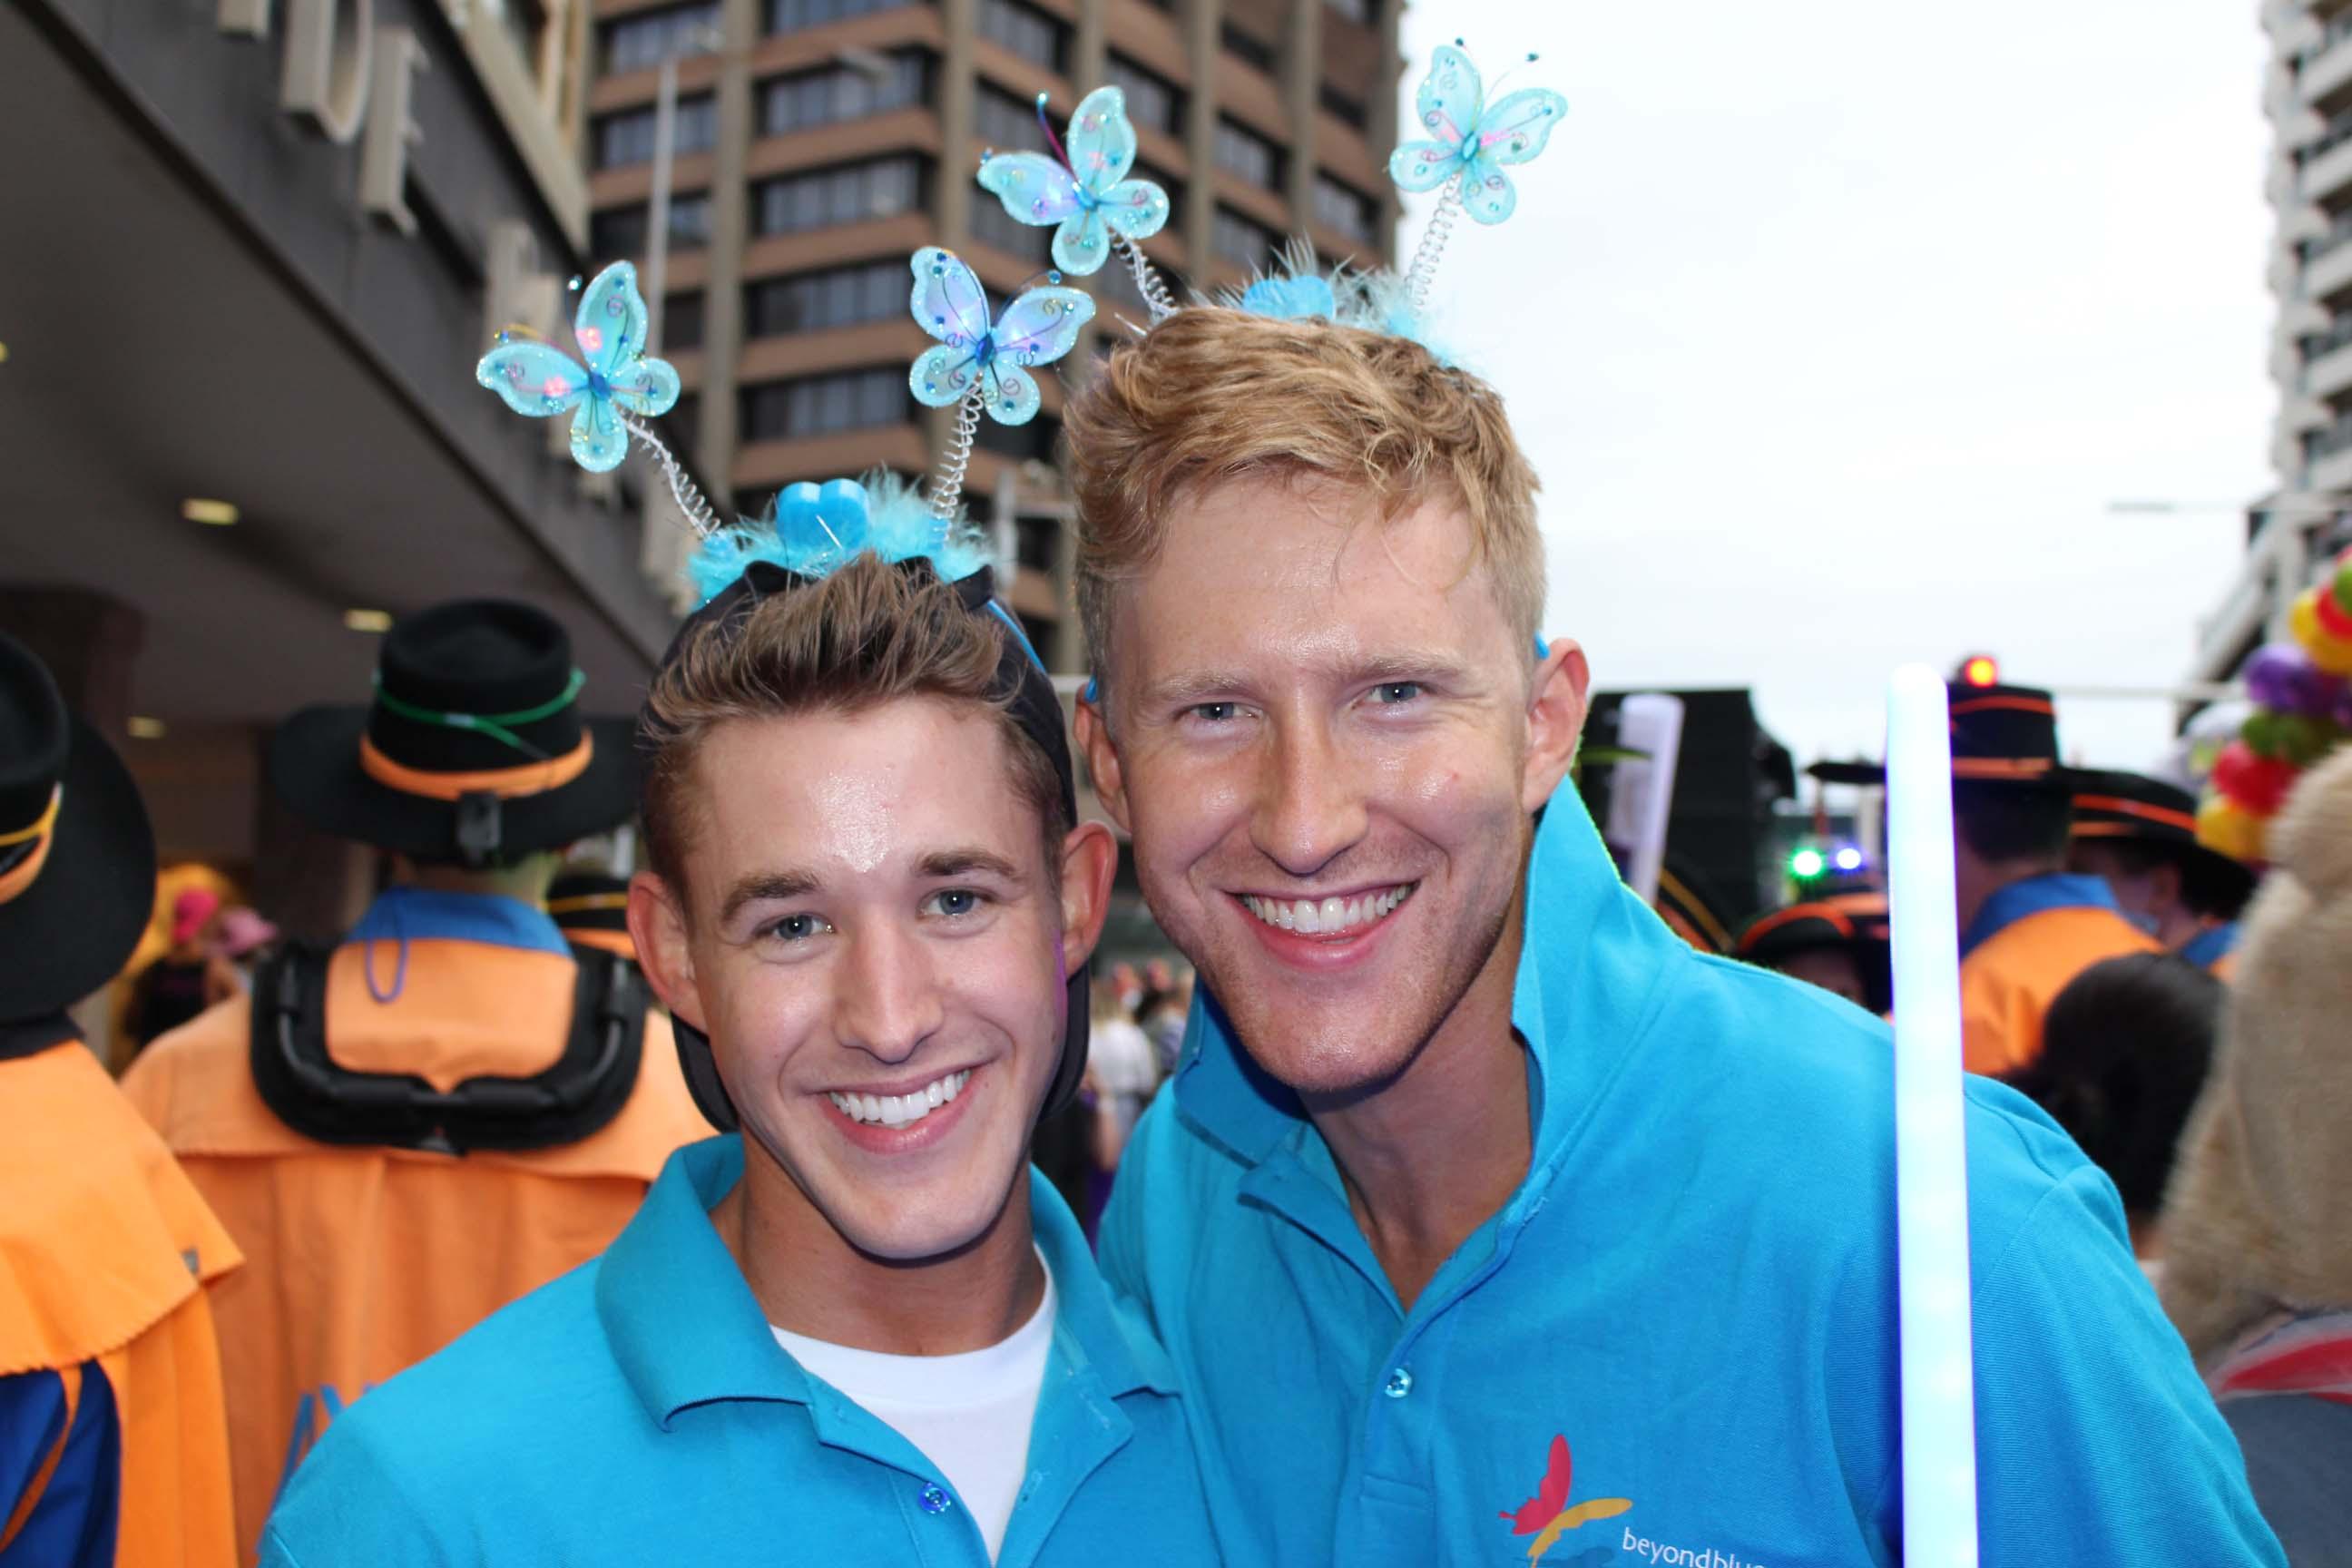 Beyond Blue Ambassador Jason Ball (right) and Beyond Blue supporter Brad.